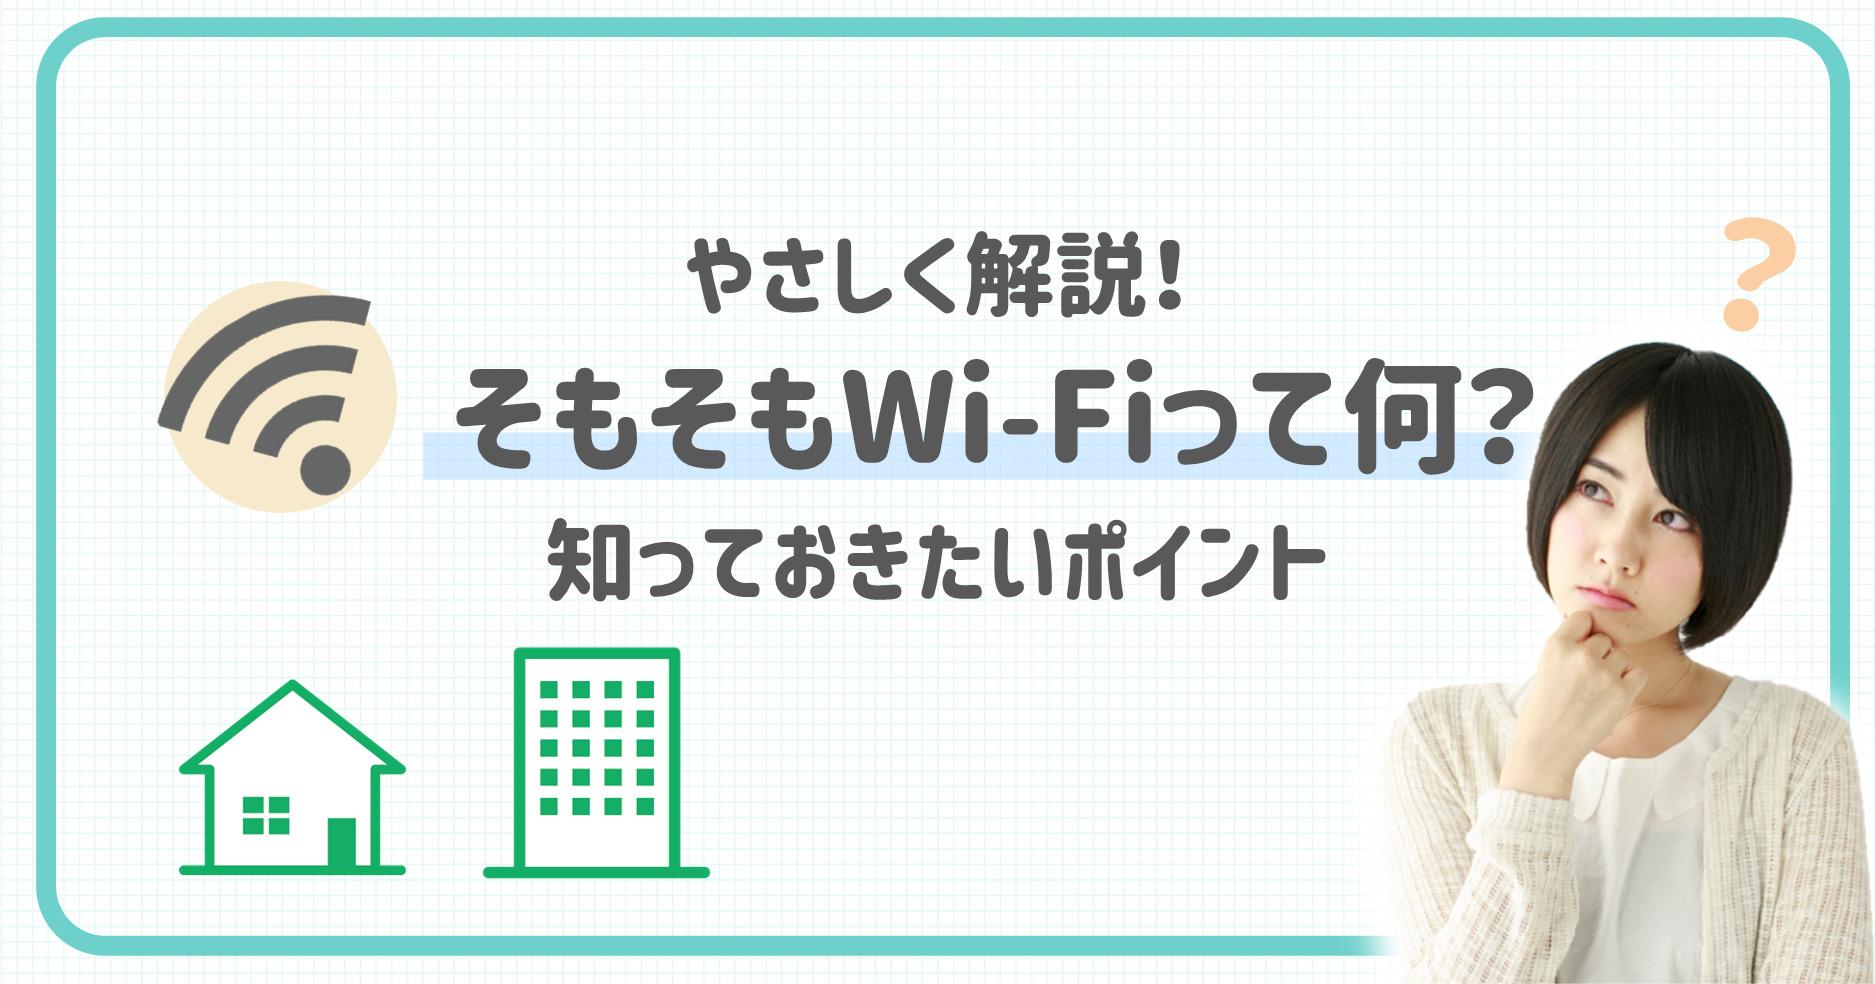 【超初心者向け】Wi-Fiとは何?仕組みとメリットをやさしく解説